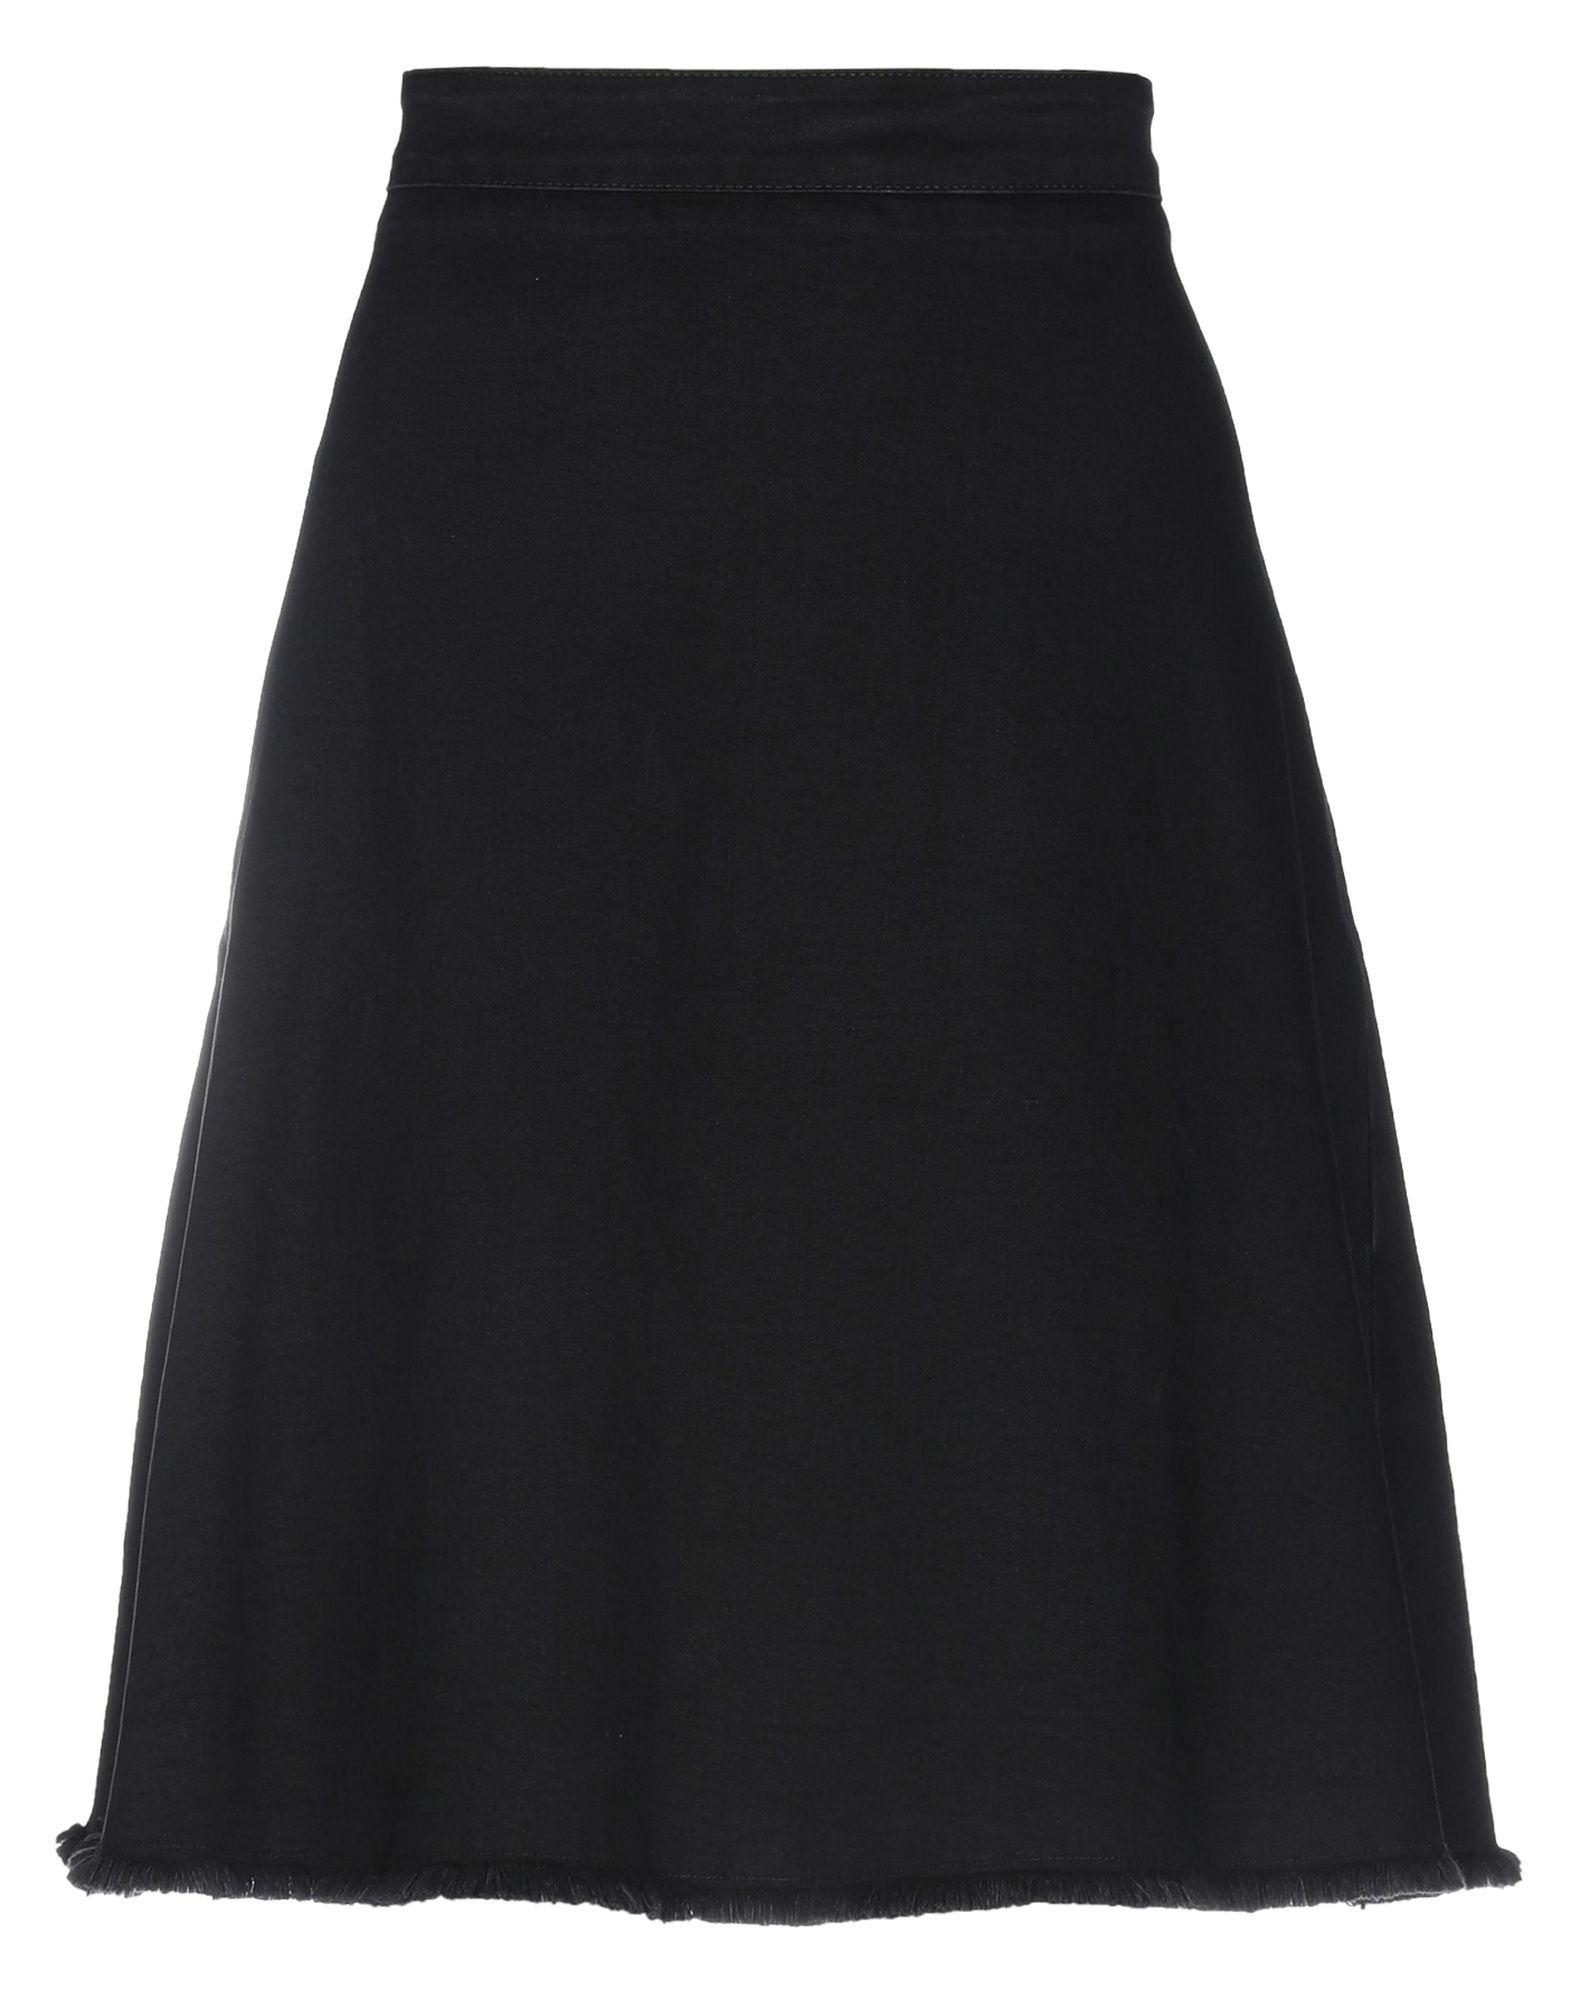 LIU •JO Джинсовая юбка юбка джинсовая с нагрудником и лямками barkito деним голубой